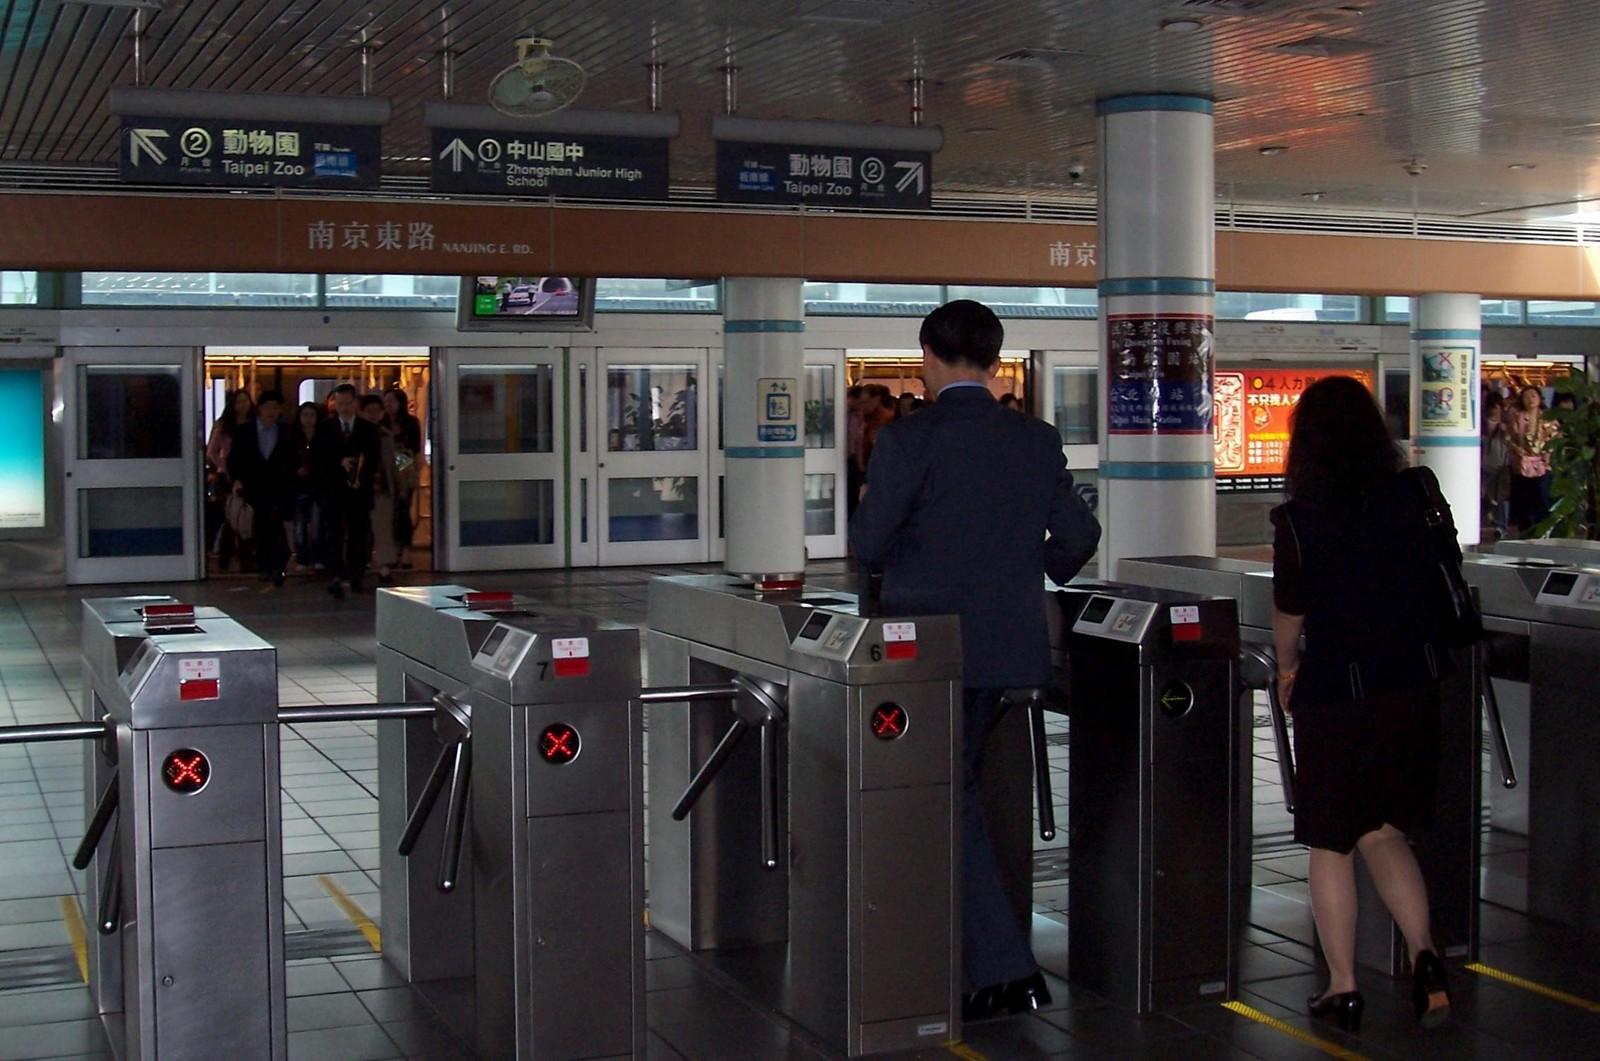 MRT Nanjing/Fuxing in Taipeh